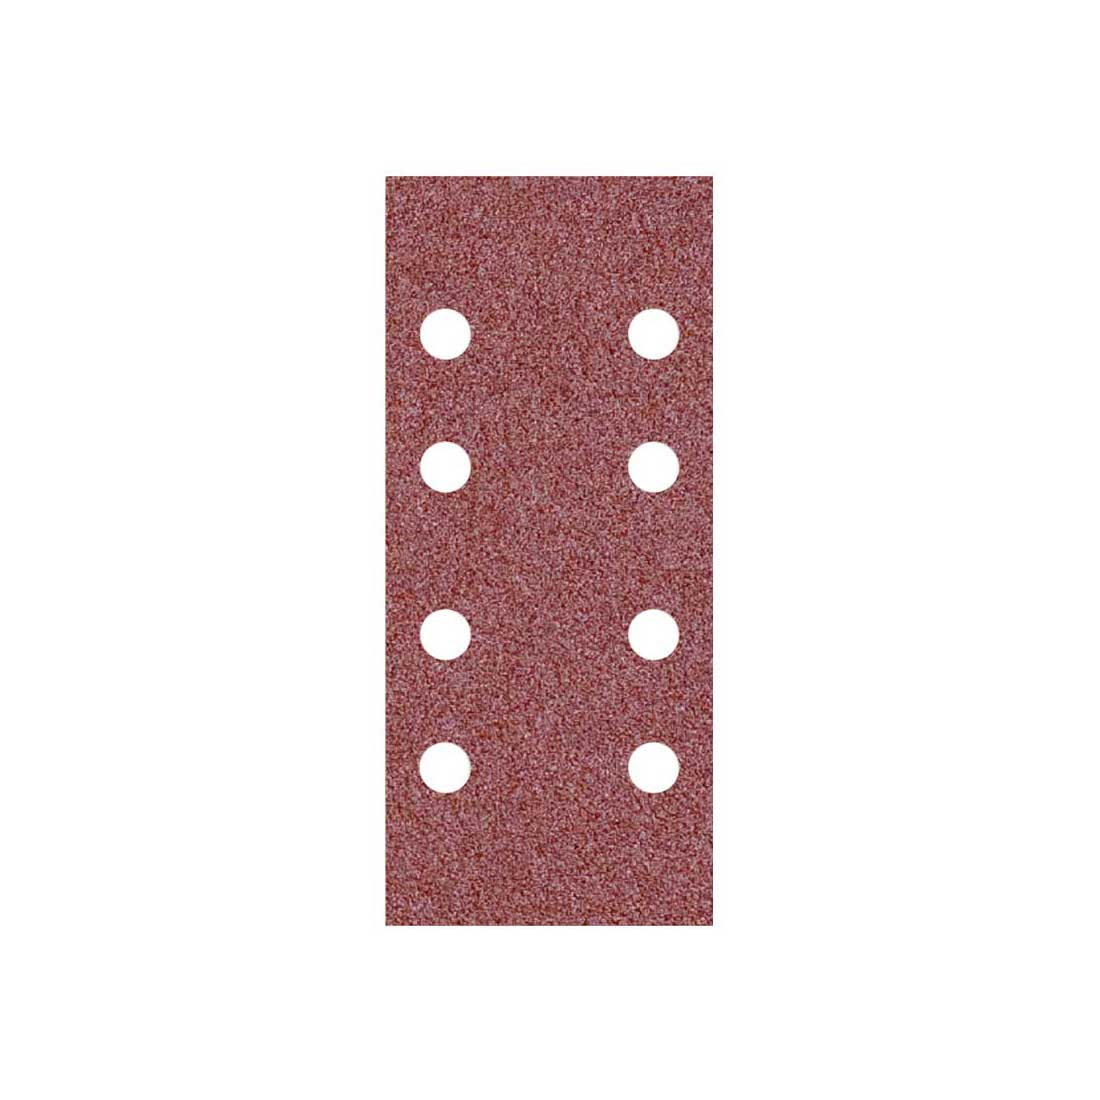 Schleifblätter 8 Loch 185x93mm Schleifpapier Schleifscheiben Korn 40-240 70 St